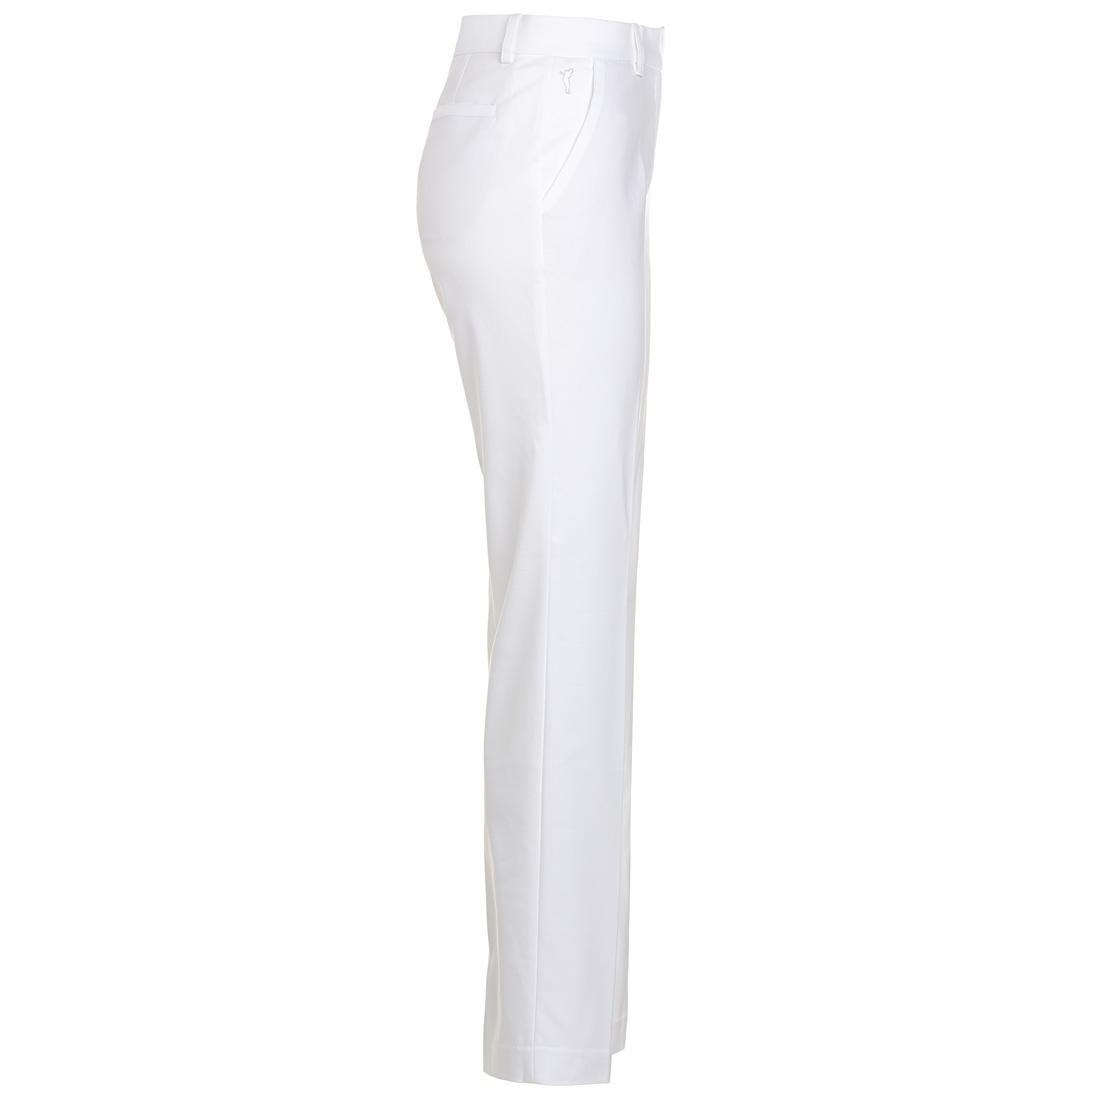 Luxuriöse Damen Stretch Hose